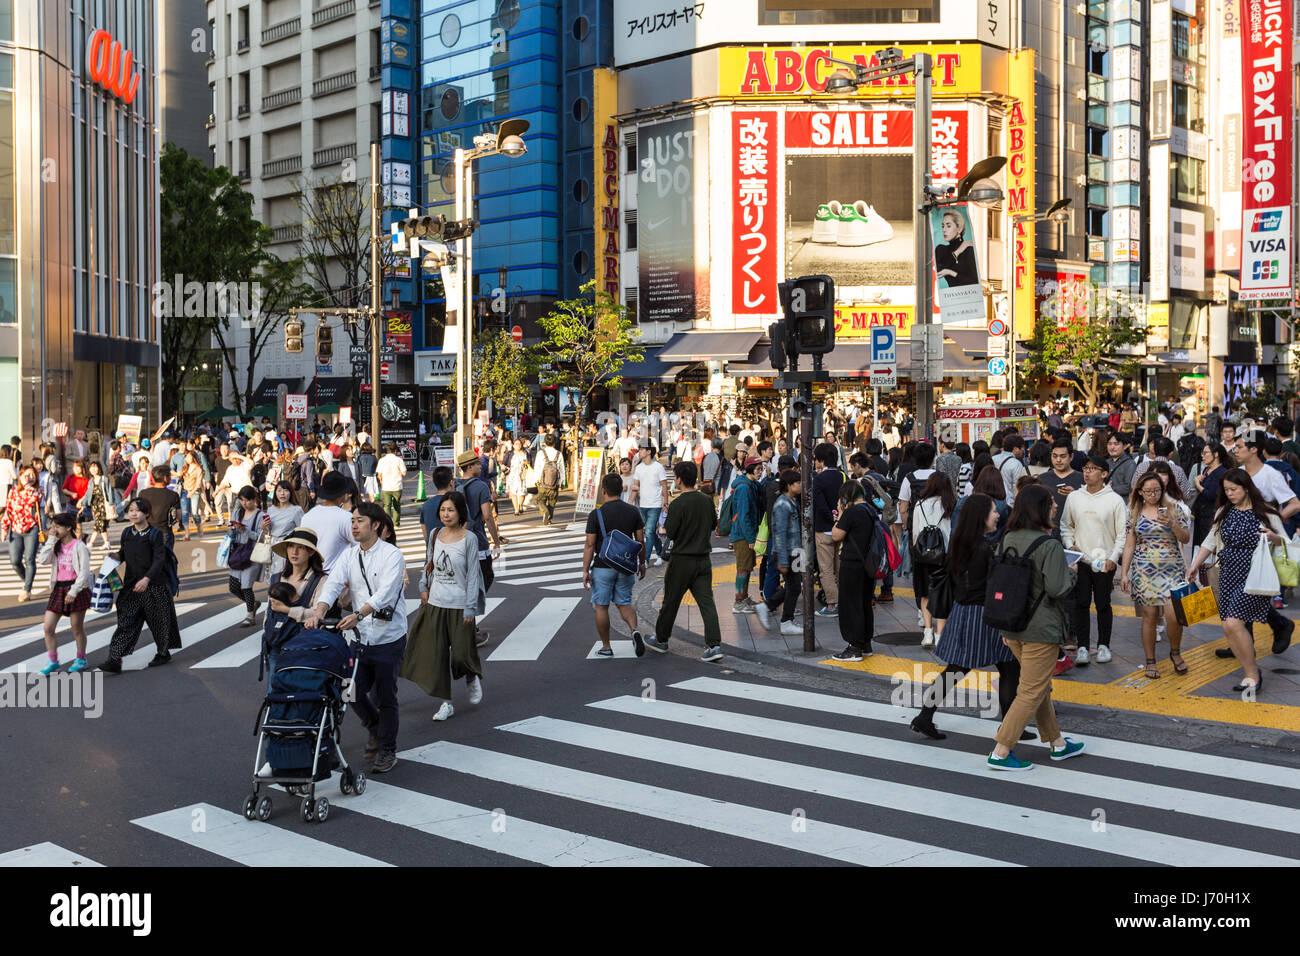 Tokio - Mayo 5, 2017: la gente camina por las calles en el muy concurrido distrito Shinjuku de Tokio, capital de Imagen De Stock